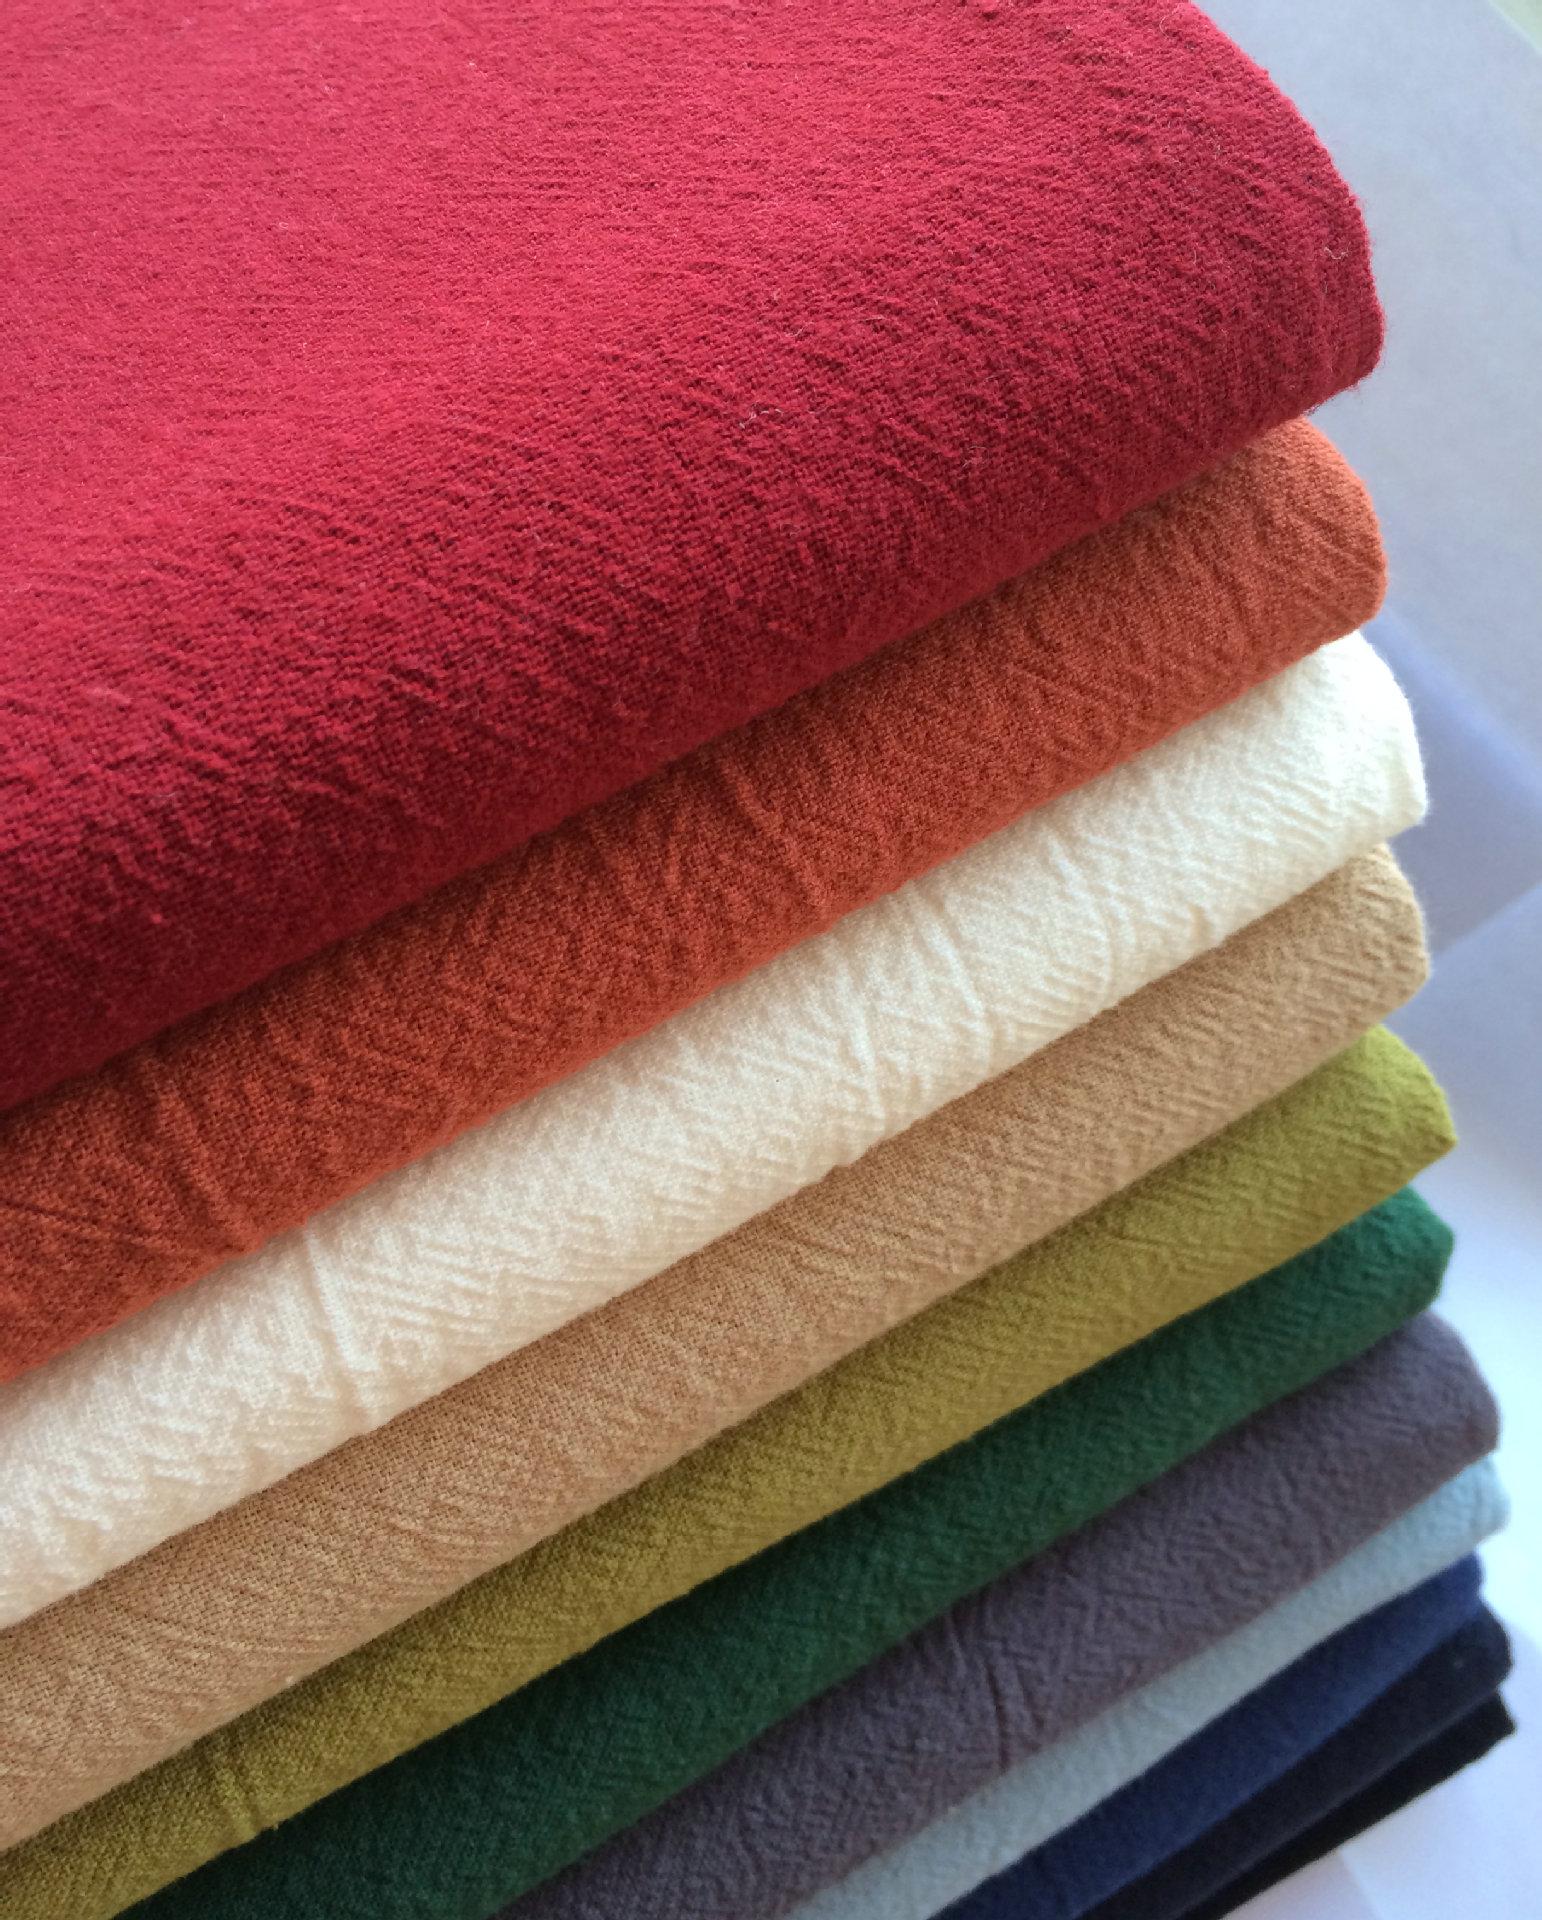 DONGSHEN Vải Linen Hoạt động in và nhuộm vải gai dầu, vải lanh, vải cotton và vải lanh, crepe xếp li